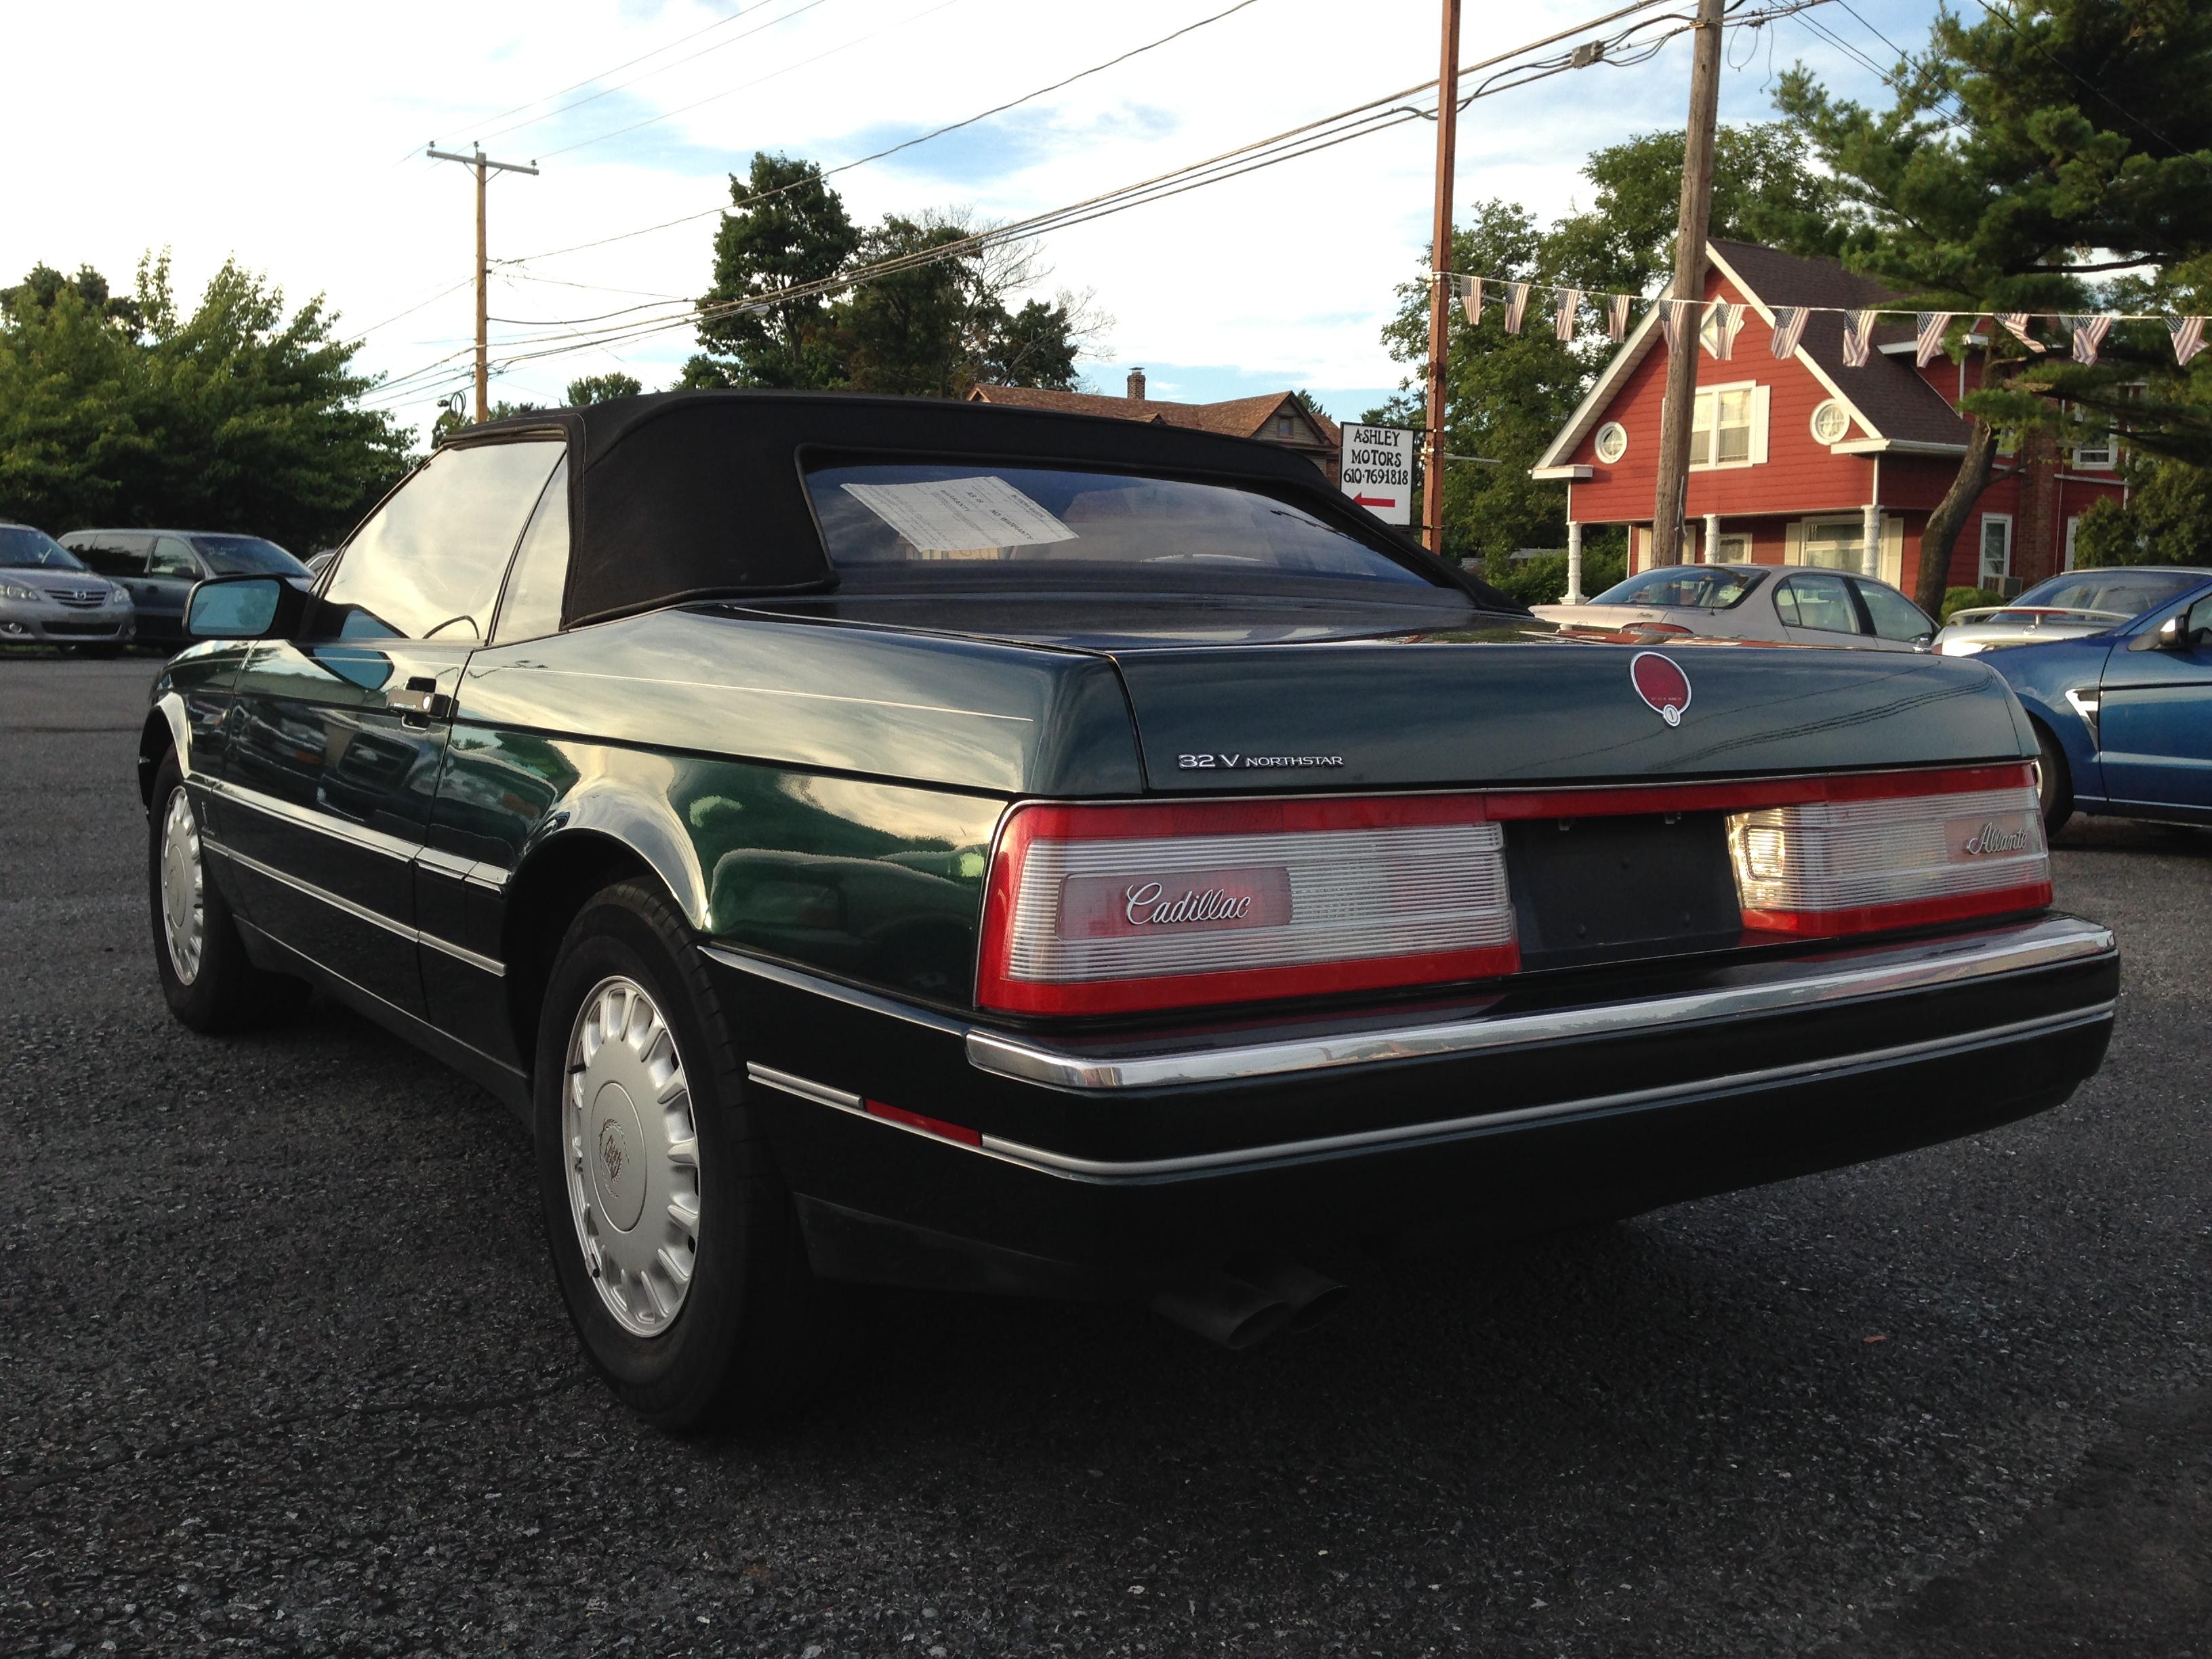 File:Cadillac Allante (14737644825).jpg - Wikimedia Commons